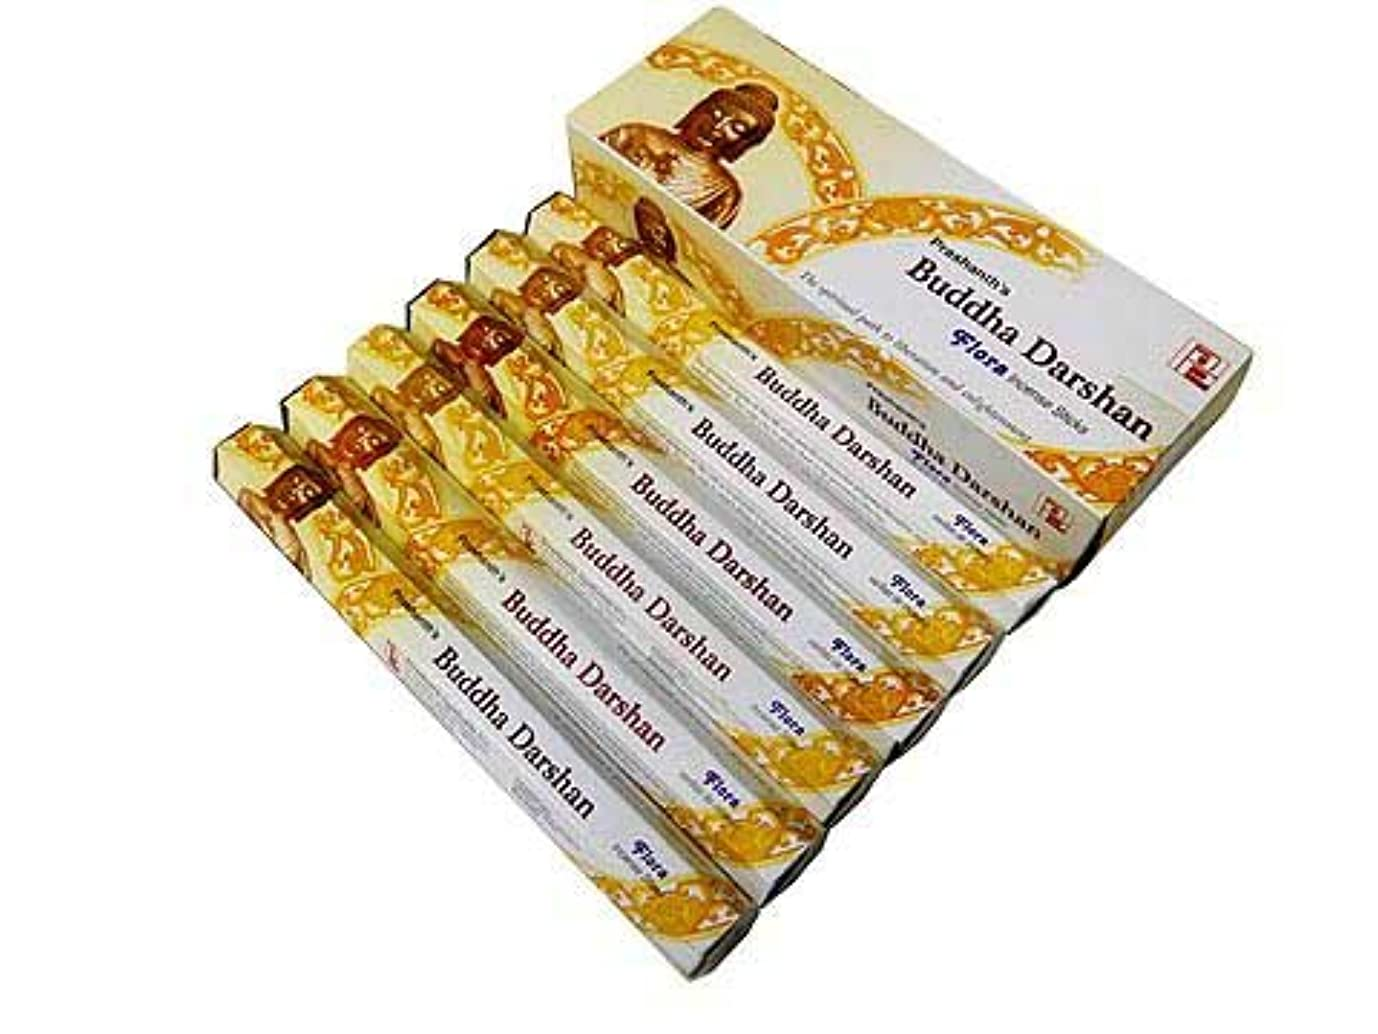 フィットネスケーブルカー元気なDARSHAN(ダルシャン) ブッダダルシャン香 マサラスティック PRASHANTH'S BUDDHA 6箱セット